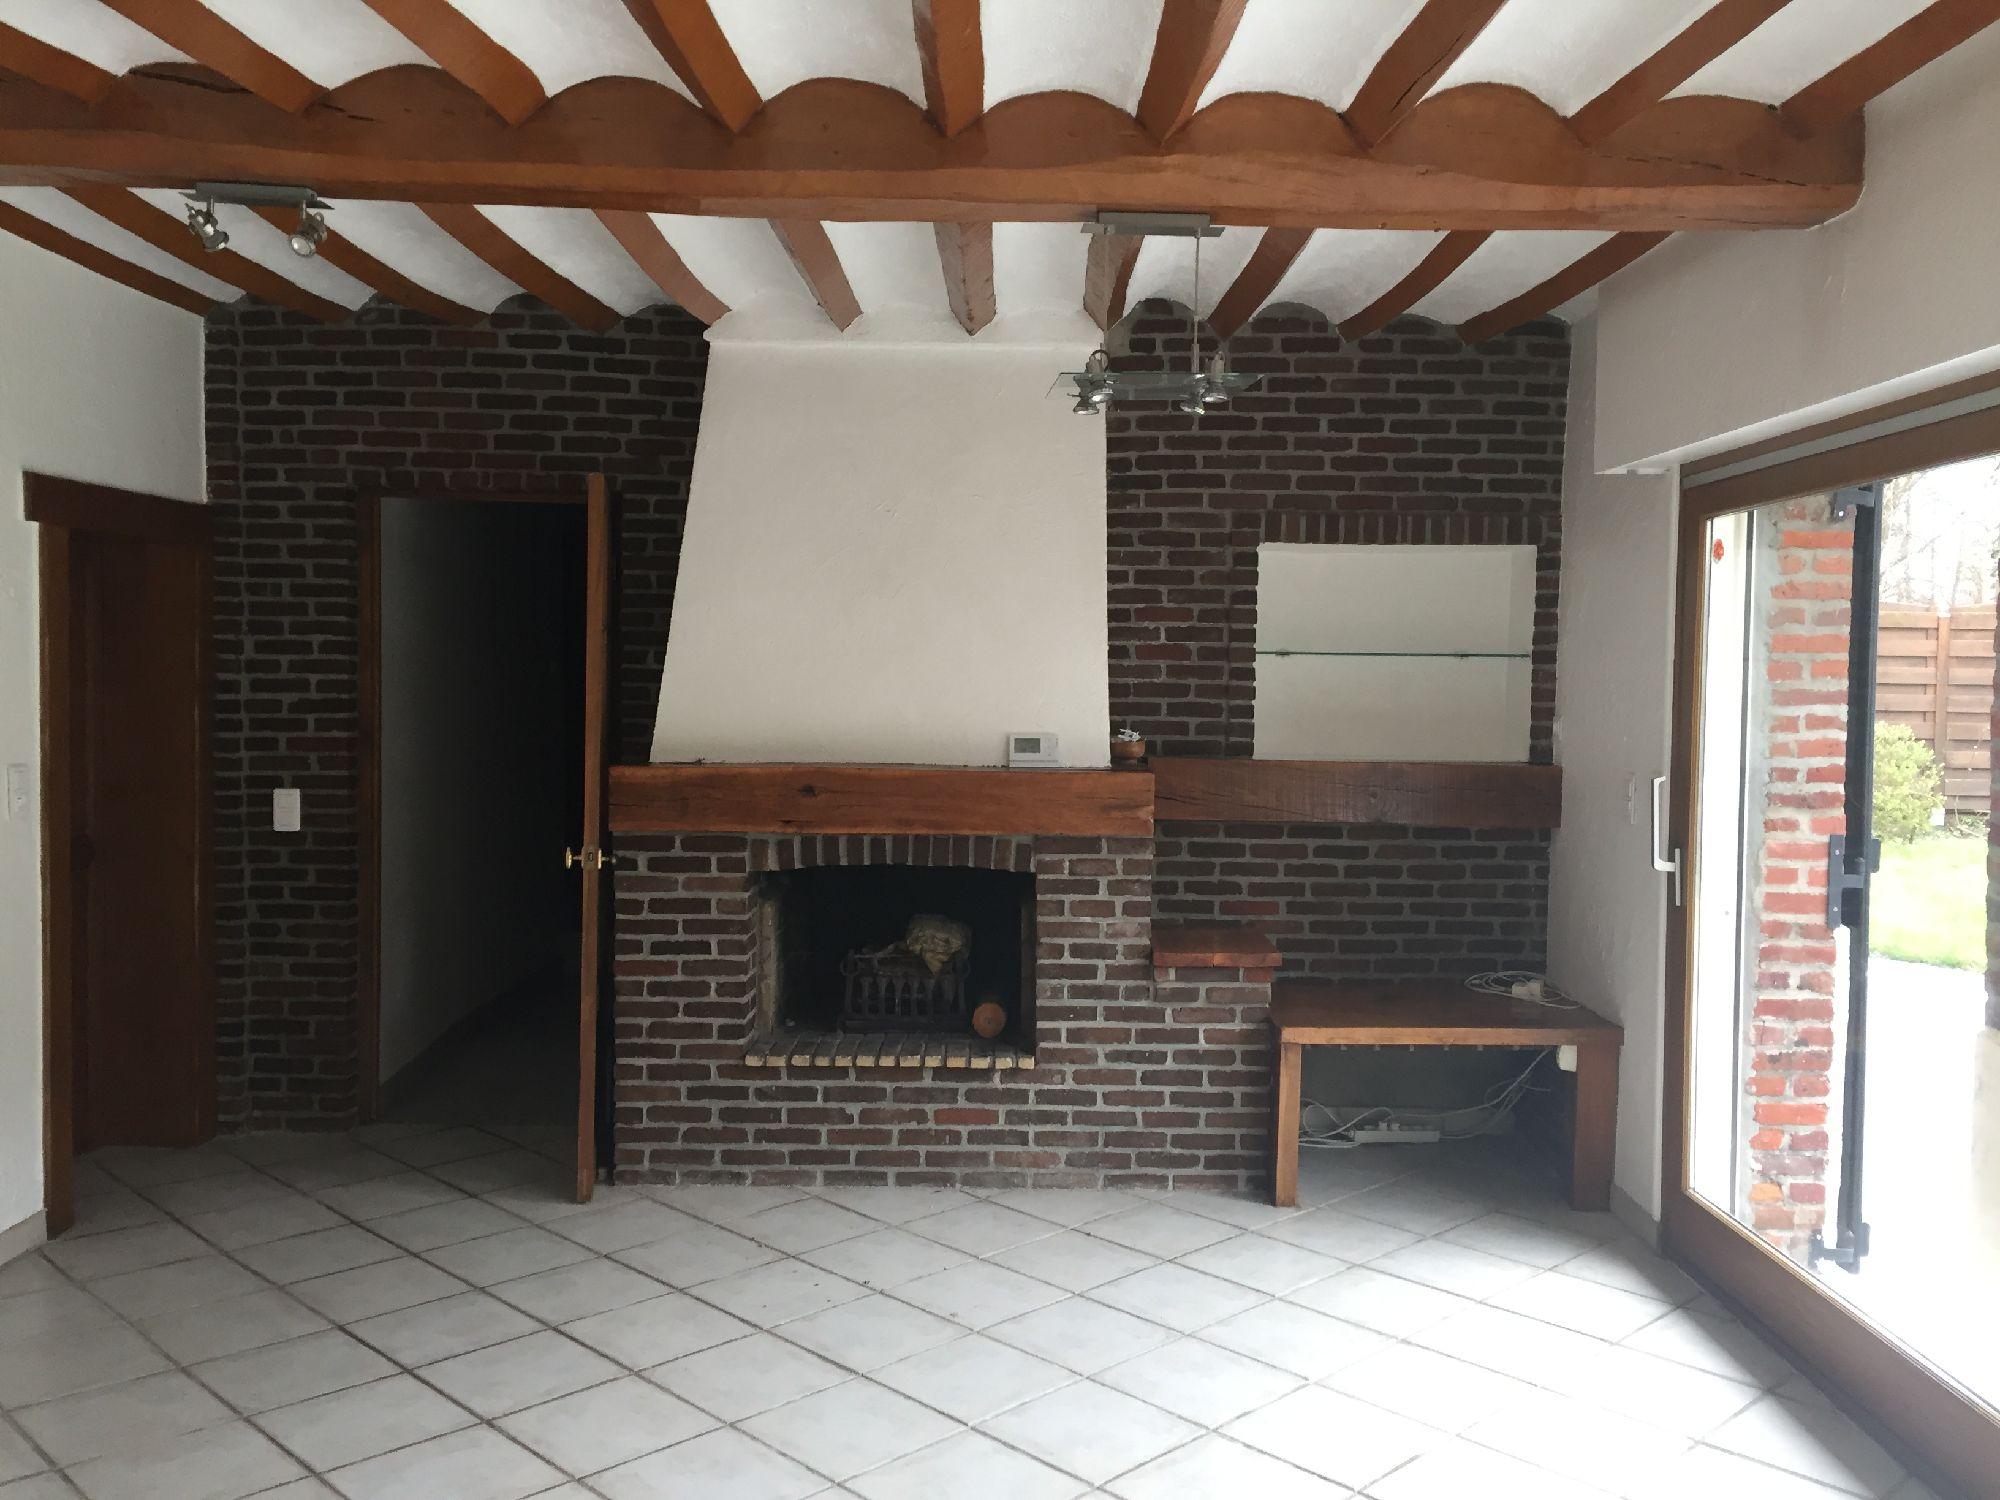 vente maison brillon prix 375 000 hni ref 59175 1026. Black Bedroom Furniture Sets. Home Design Ideas